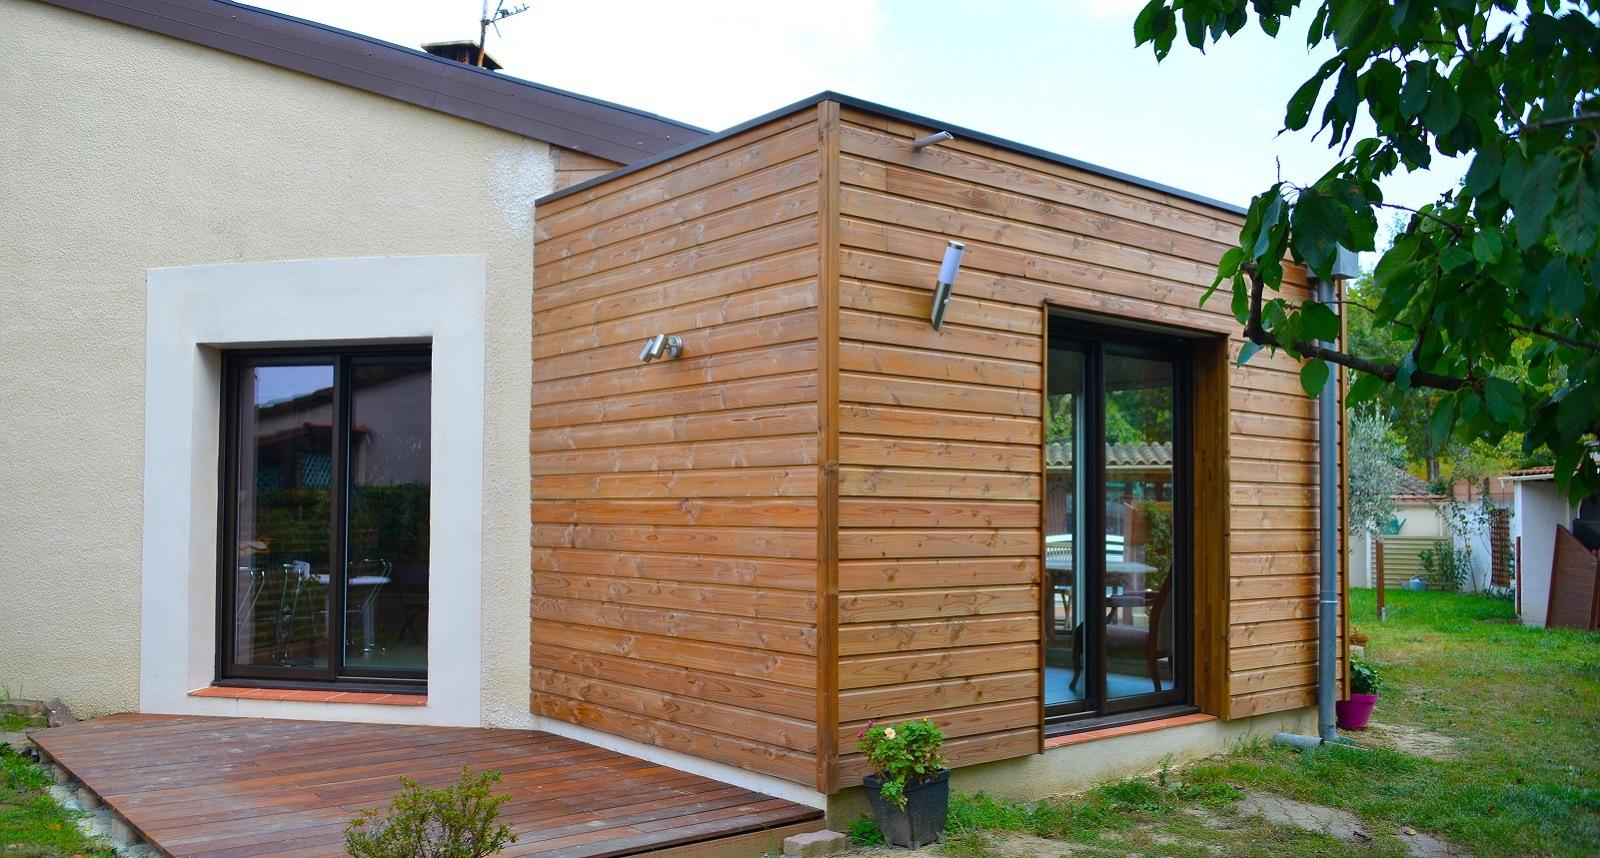 Le Prix Extension Bois 15m2 Agrandir Ma Maison